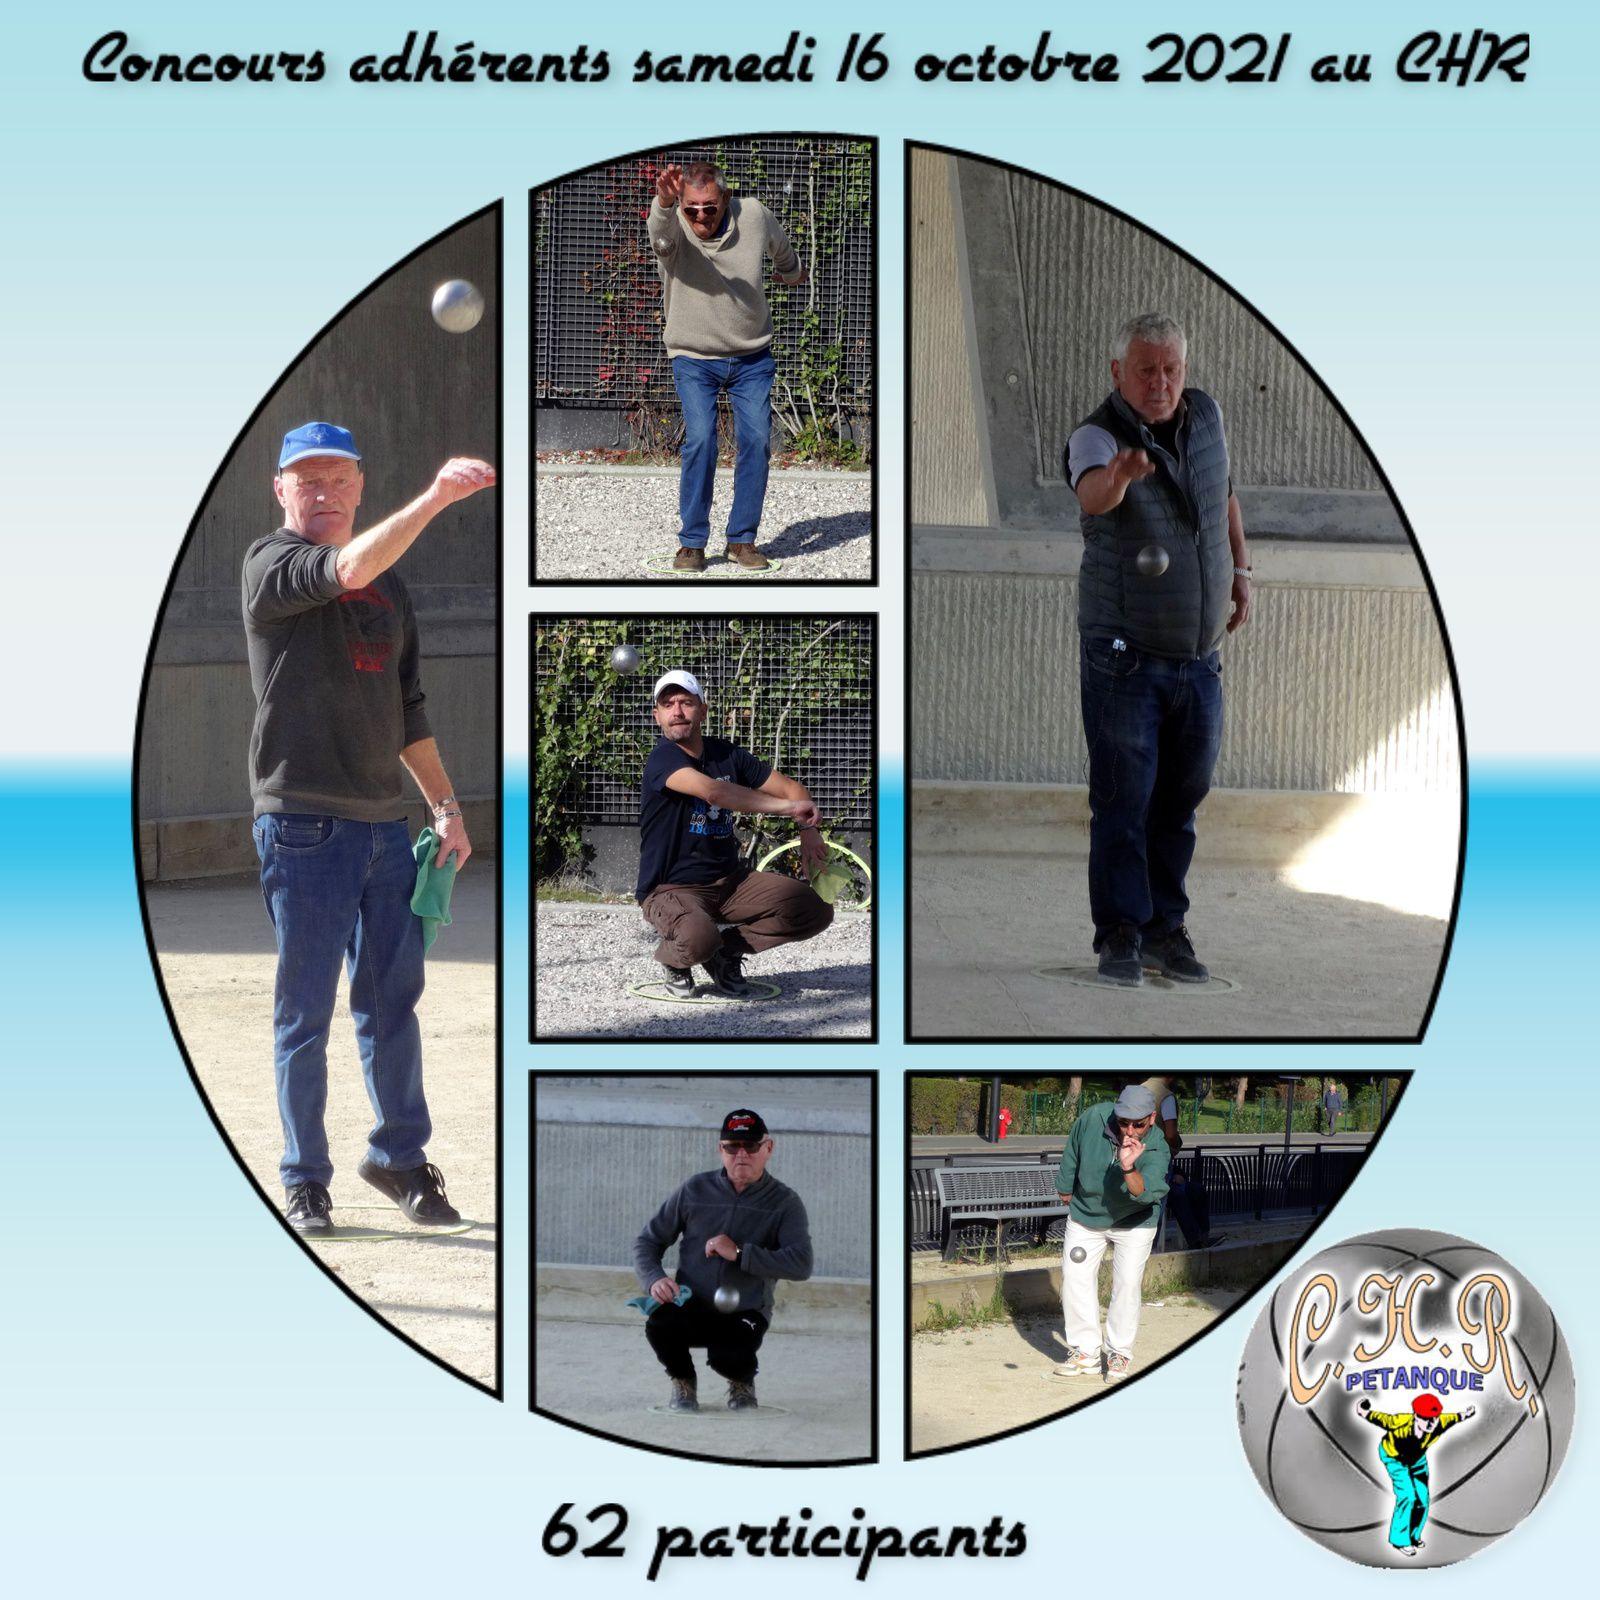 Concours adhérents samedi 16 octobre 2021 au CHR